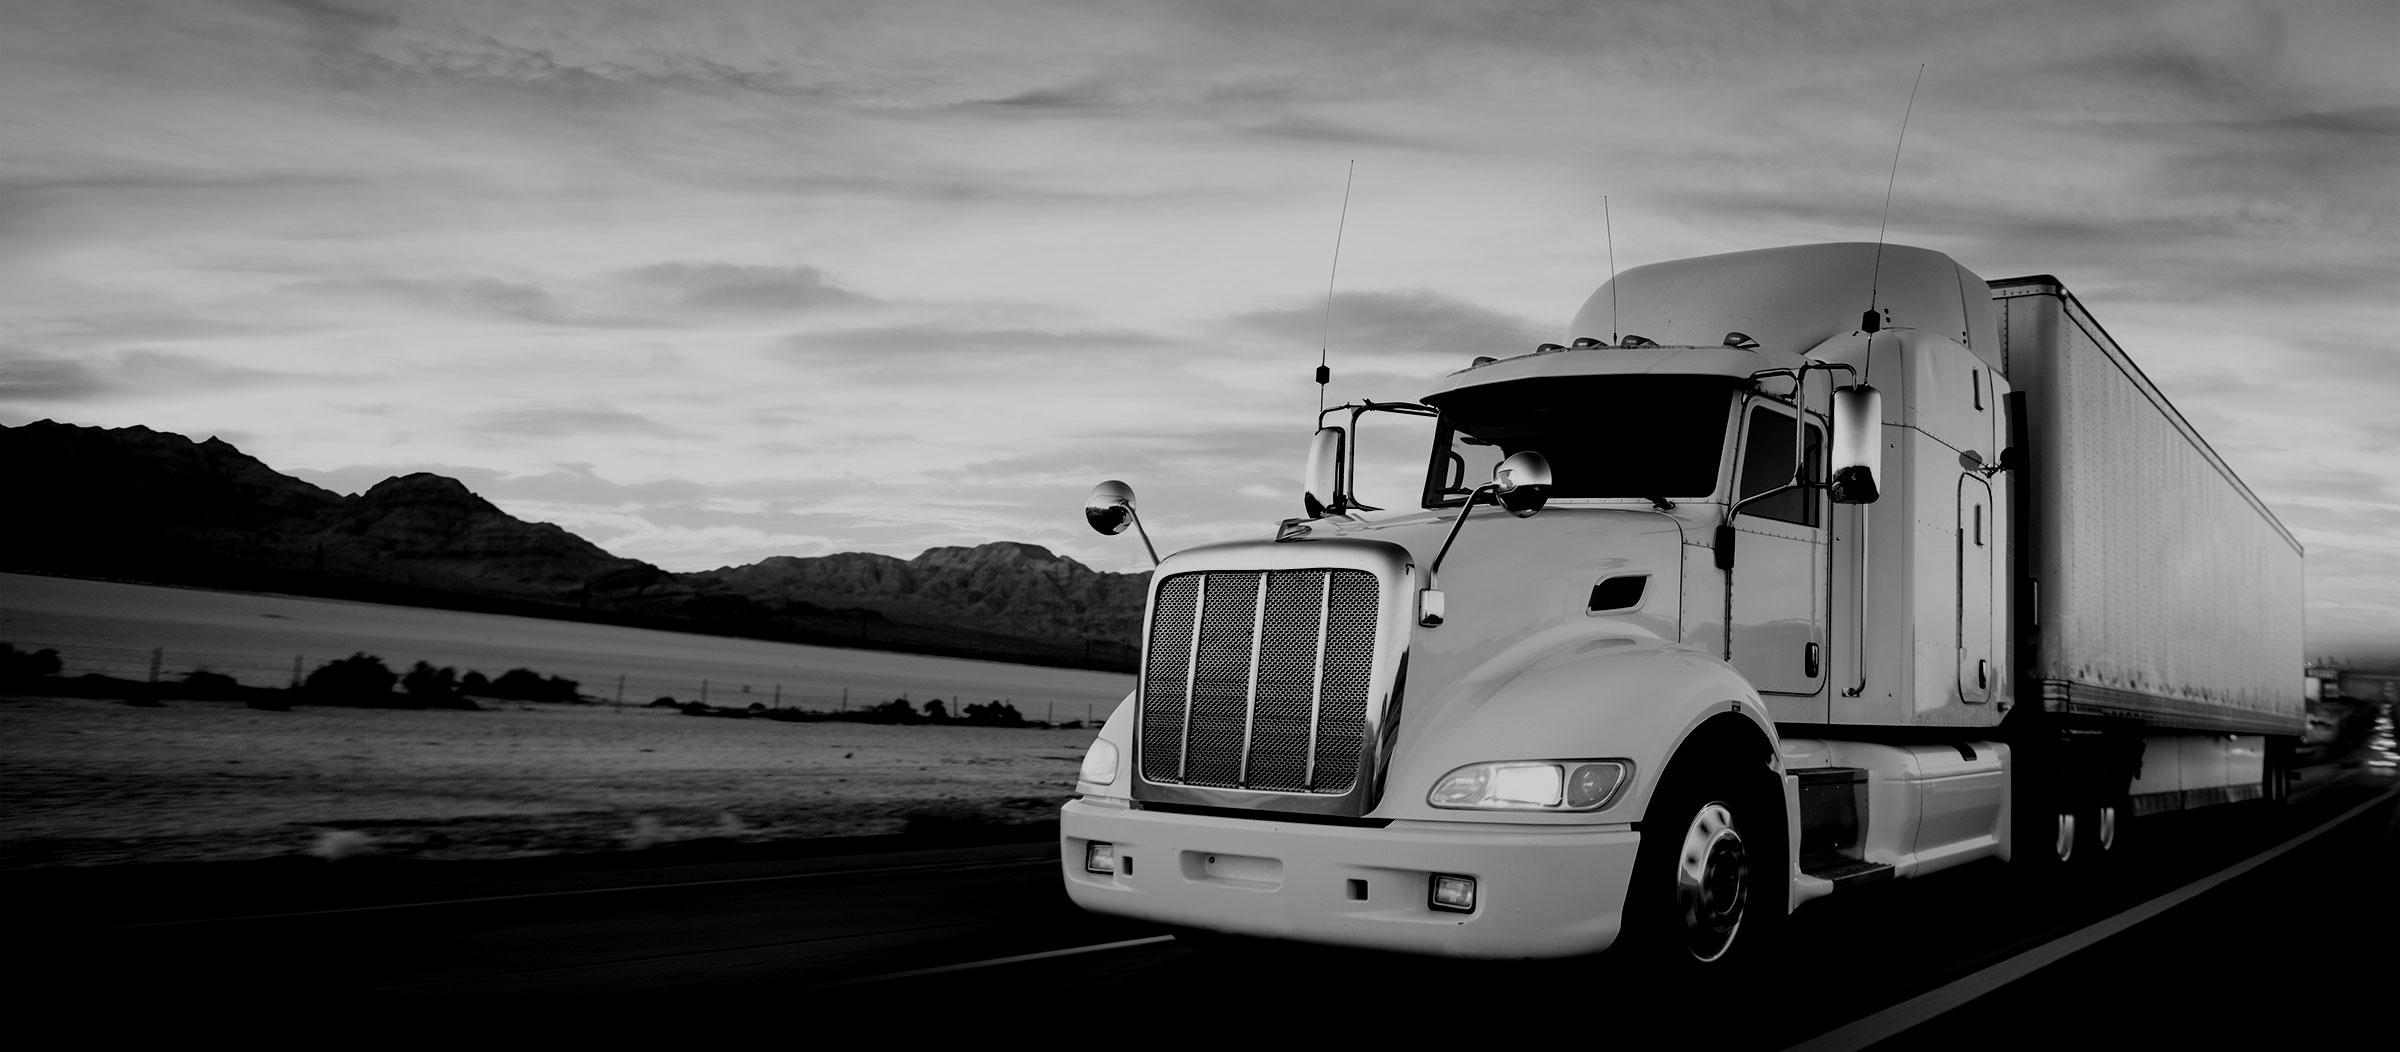 OperFi Transportation Factoring